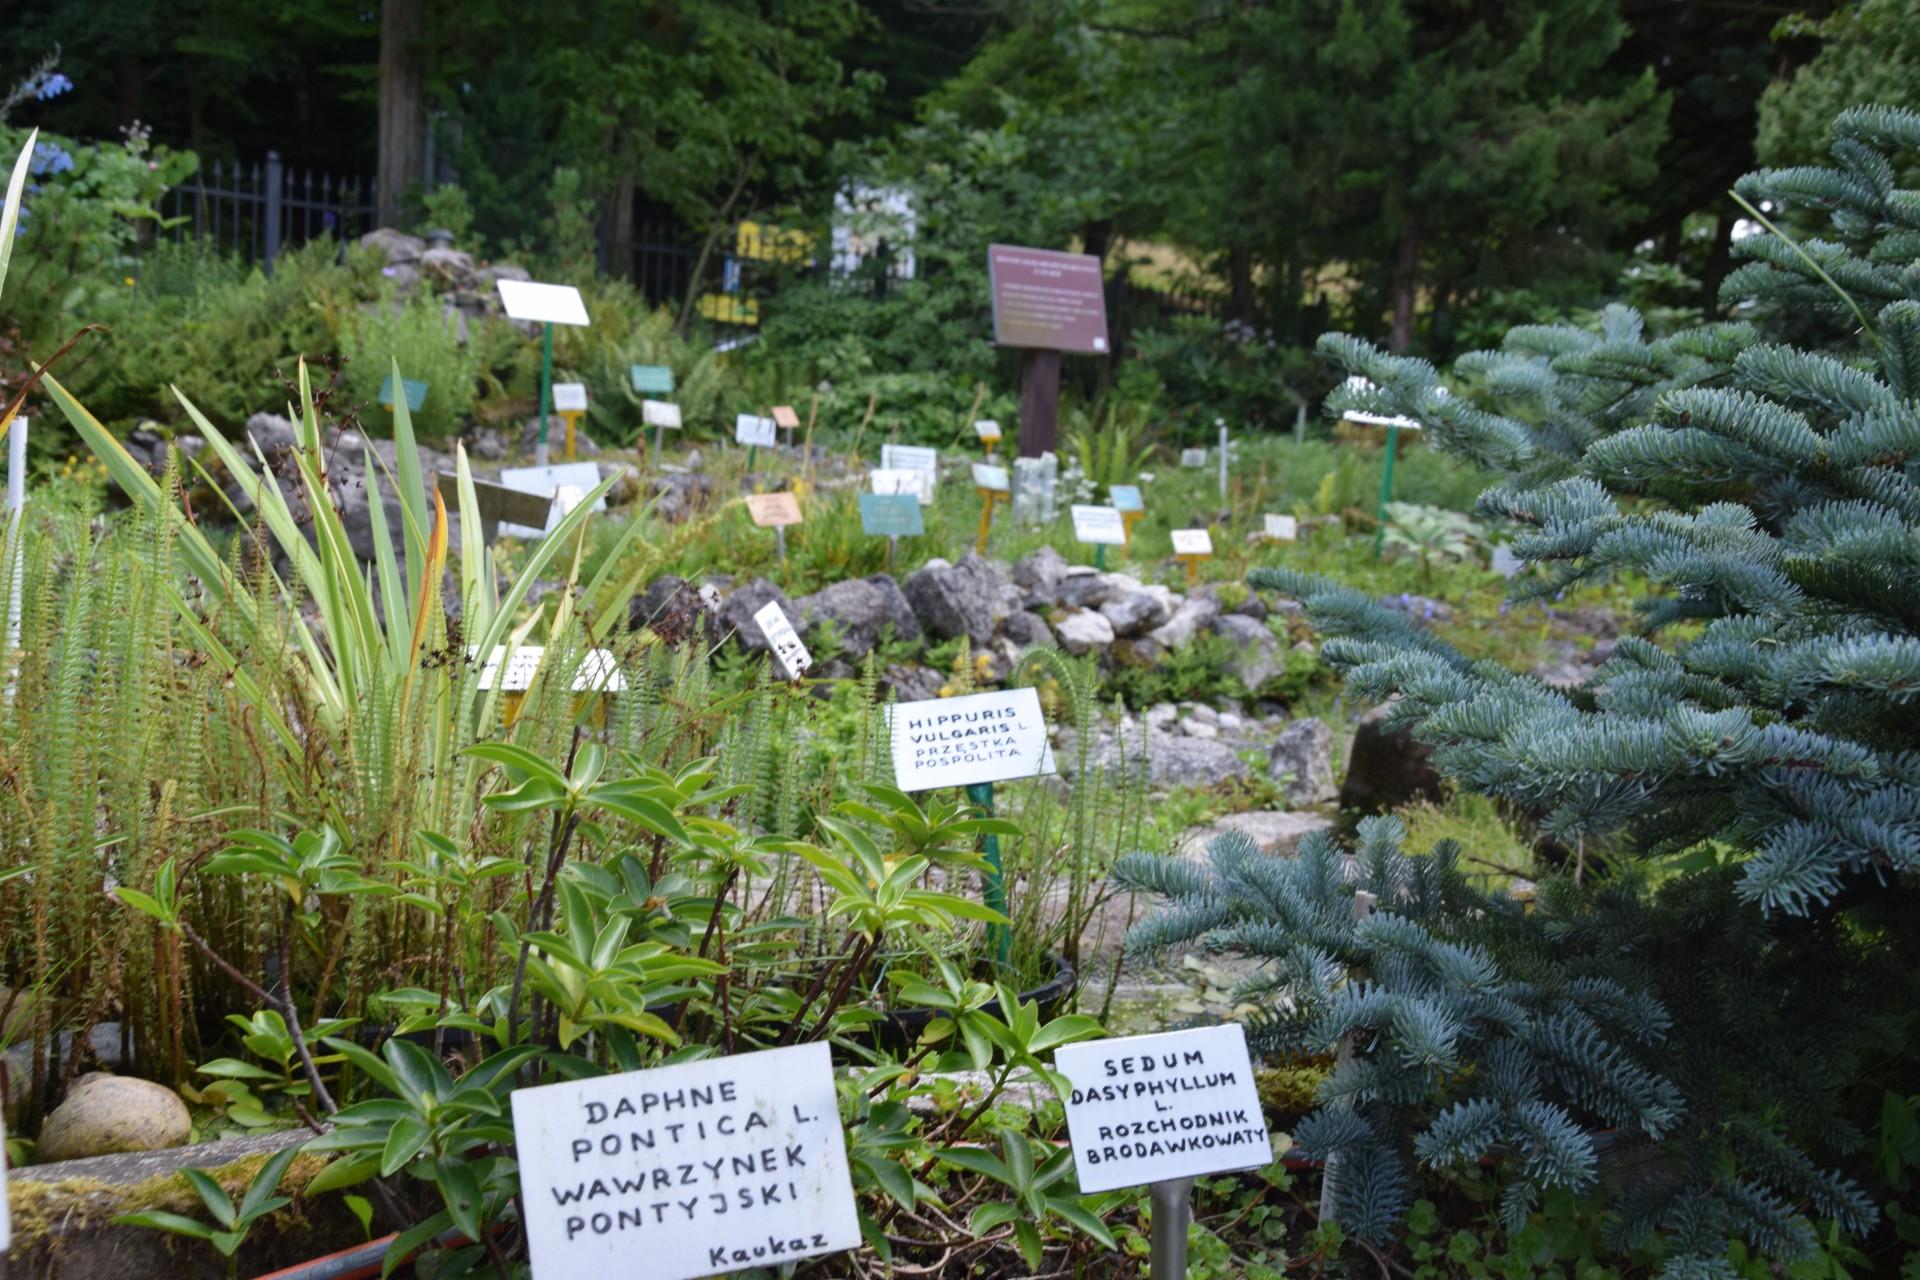 Gołubie. Ogród Botaniczny, rośliny ozdobne, lecznicze, arboretum 7